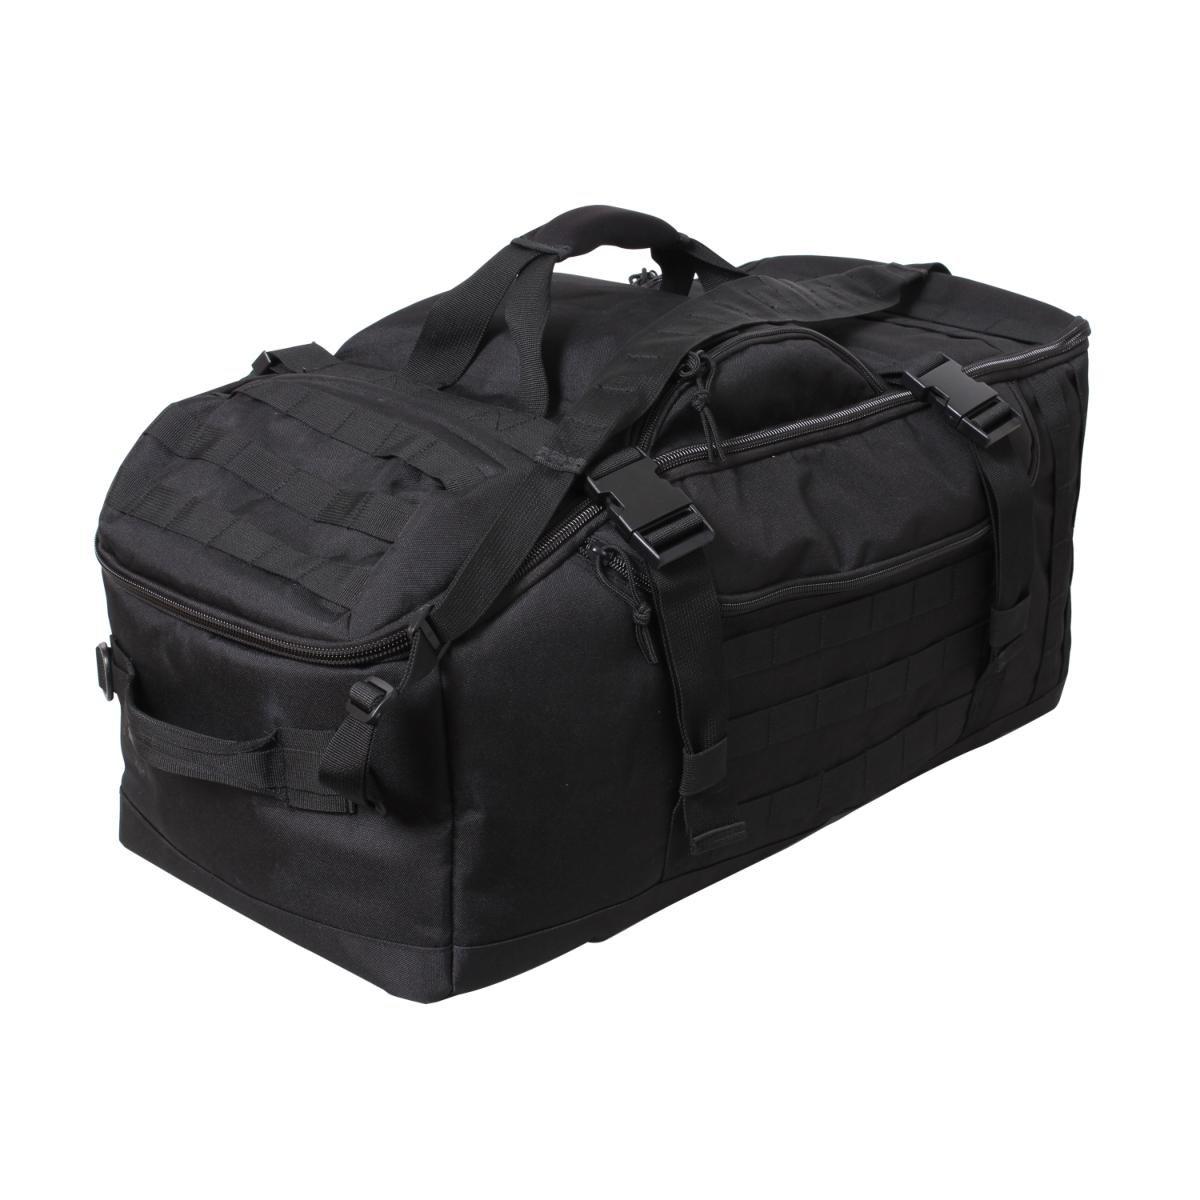 Rothco 3 in 1 Cabrio Mission Tasche mit MOLLE, schwarz